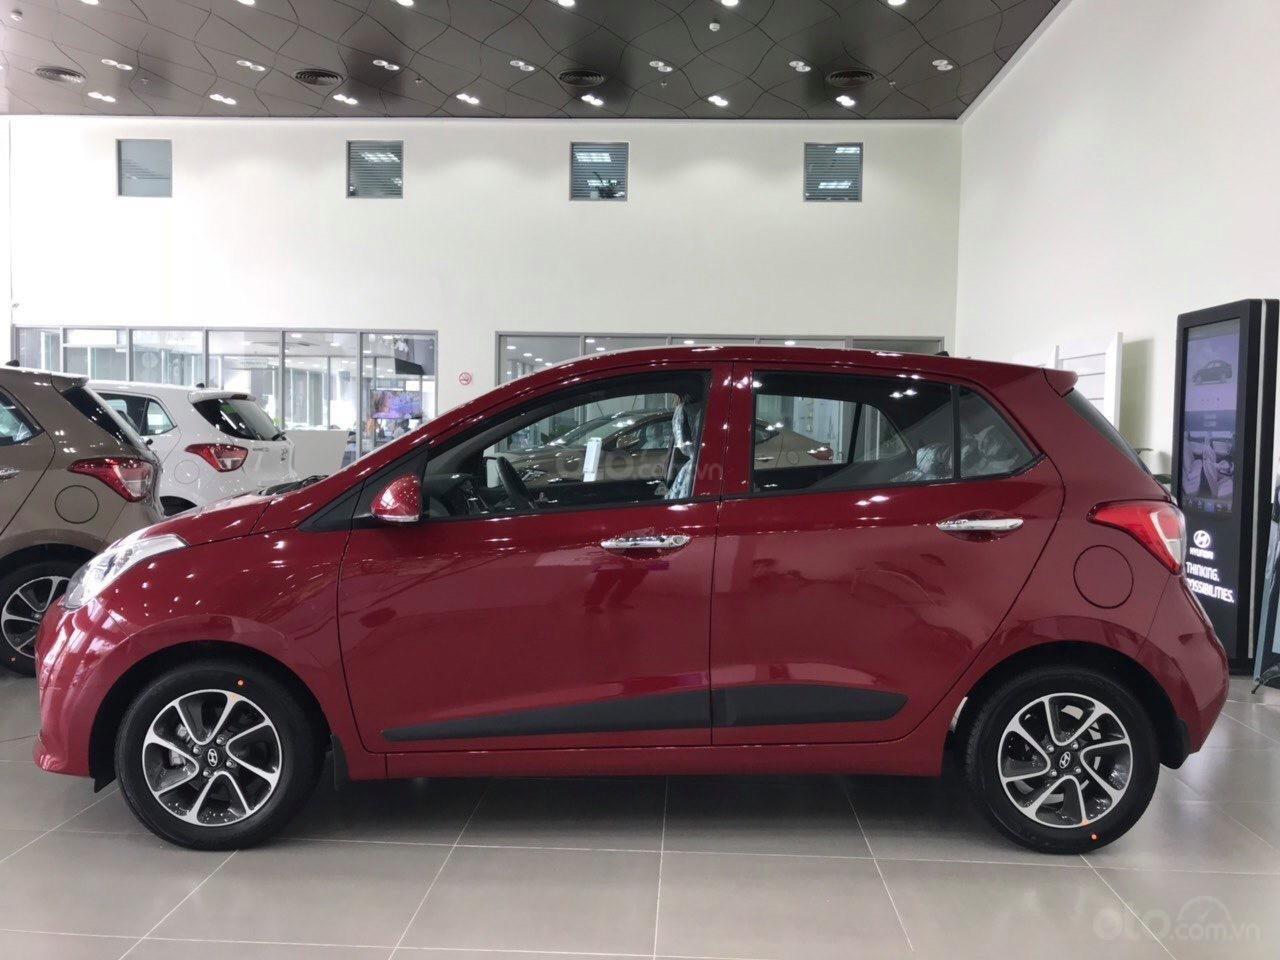 Bán Hyundai Grand i10 AT năm 2019, màu đỏ, tặng phụ kiện chính hãng cao cấp, có xe liền, hỗ trợ vay vốn ngân hàng (2)